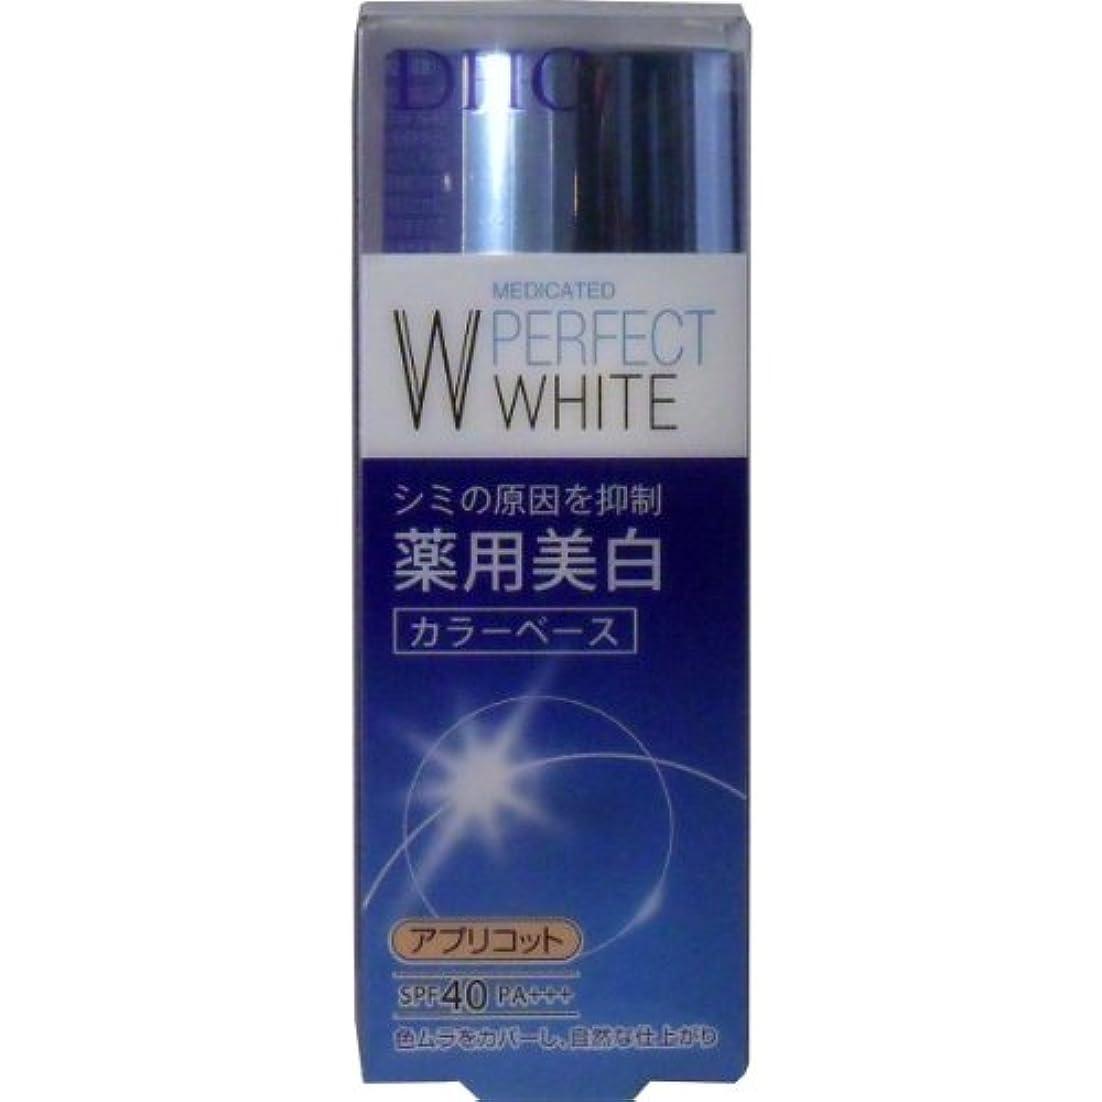 適性余裕がある半島DHC 薬用美白パーフェクトホワイト カラーベース アプリコット 30g (商品内訳:単品1個)